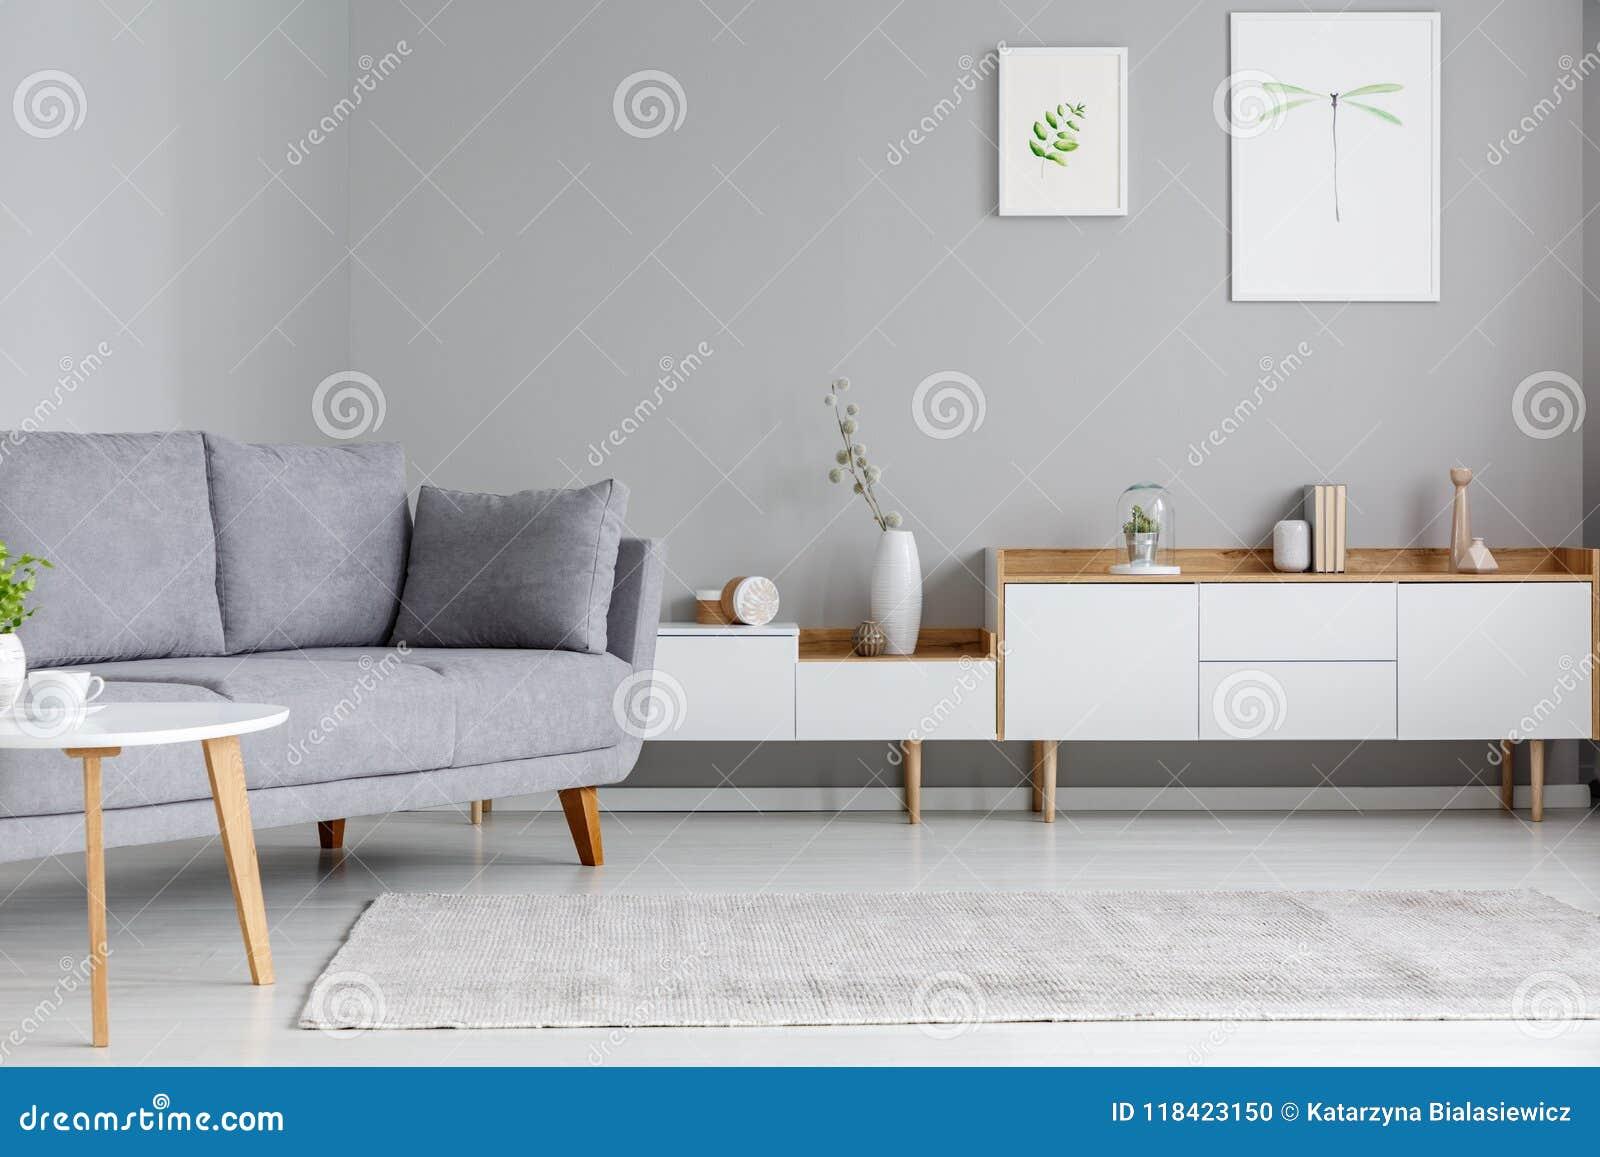 Canape Gris Pres Du Placard Blanc Dans Le Salon W Interieur